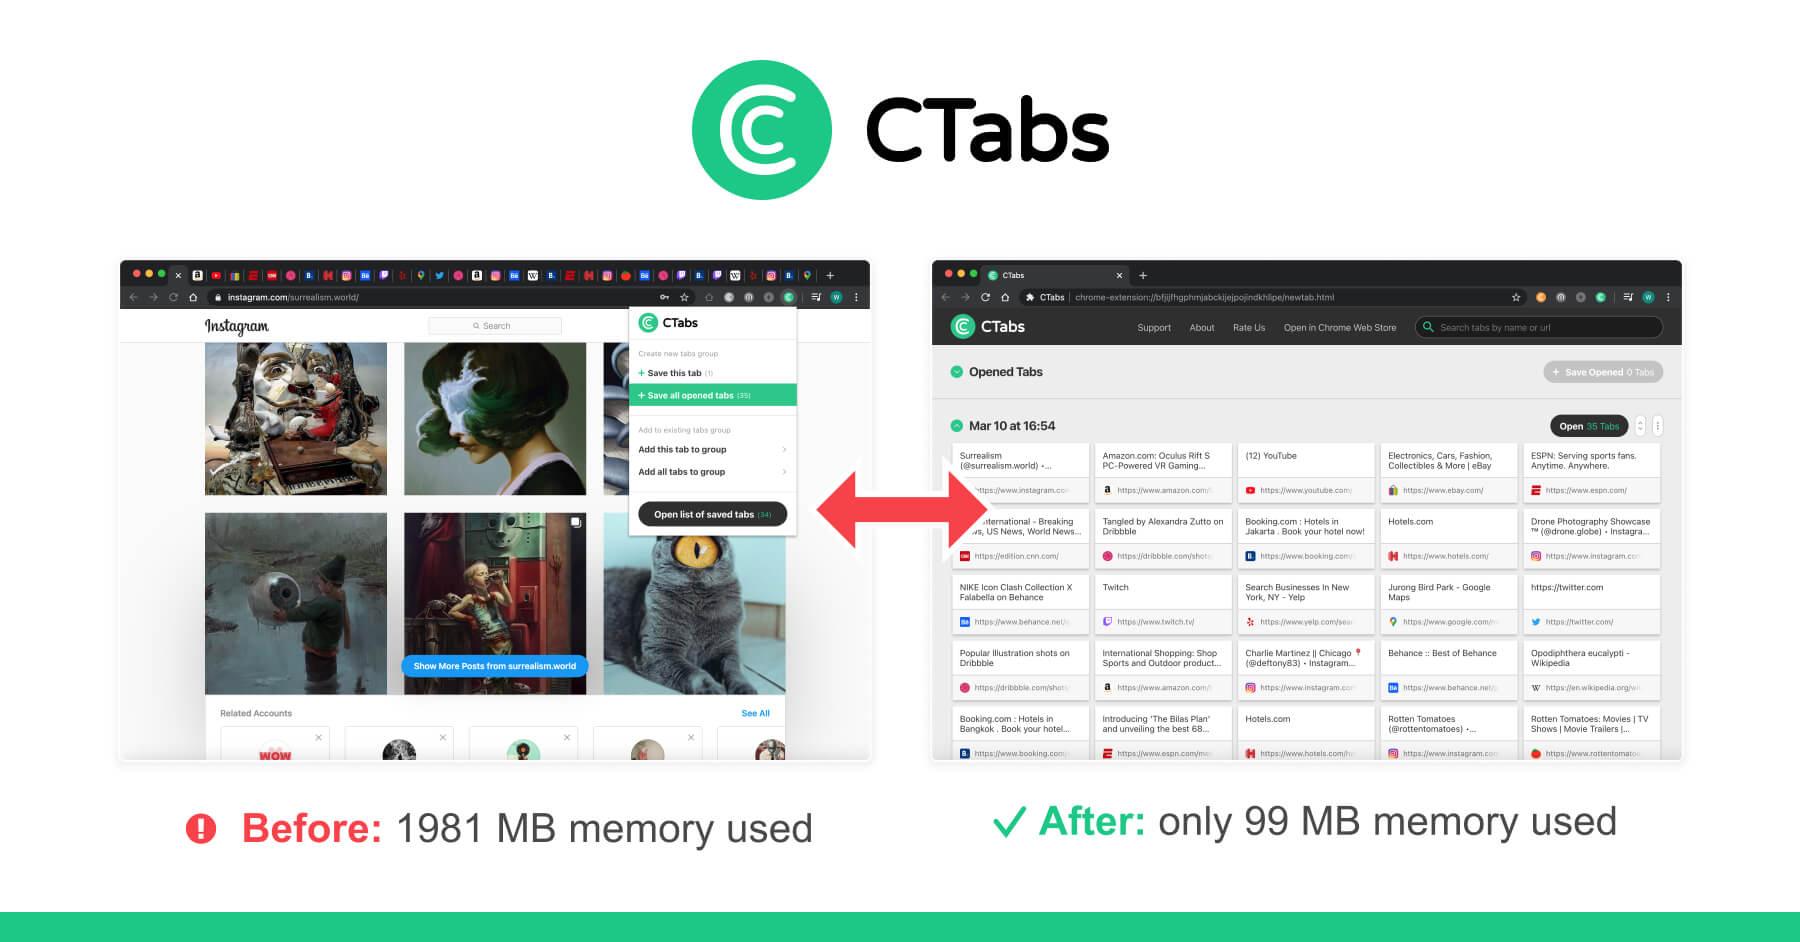 (c) Ctabs.net